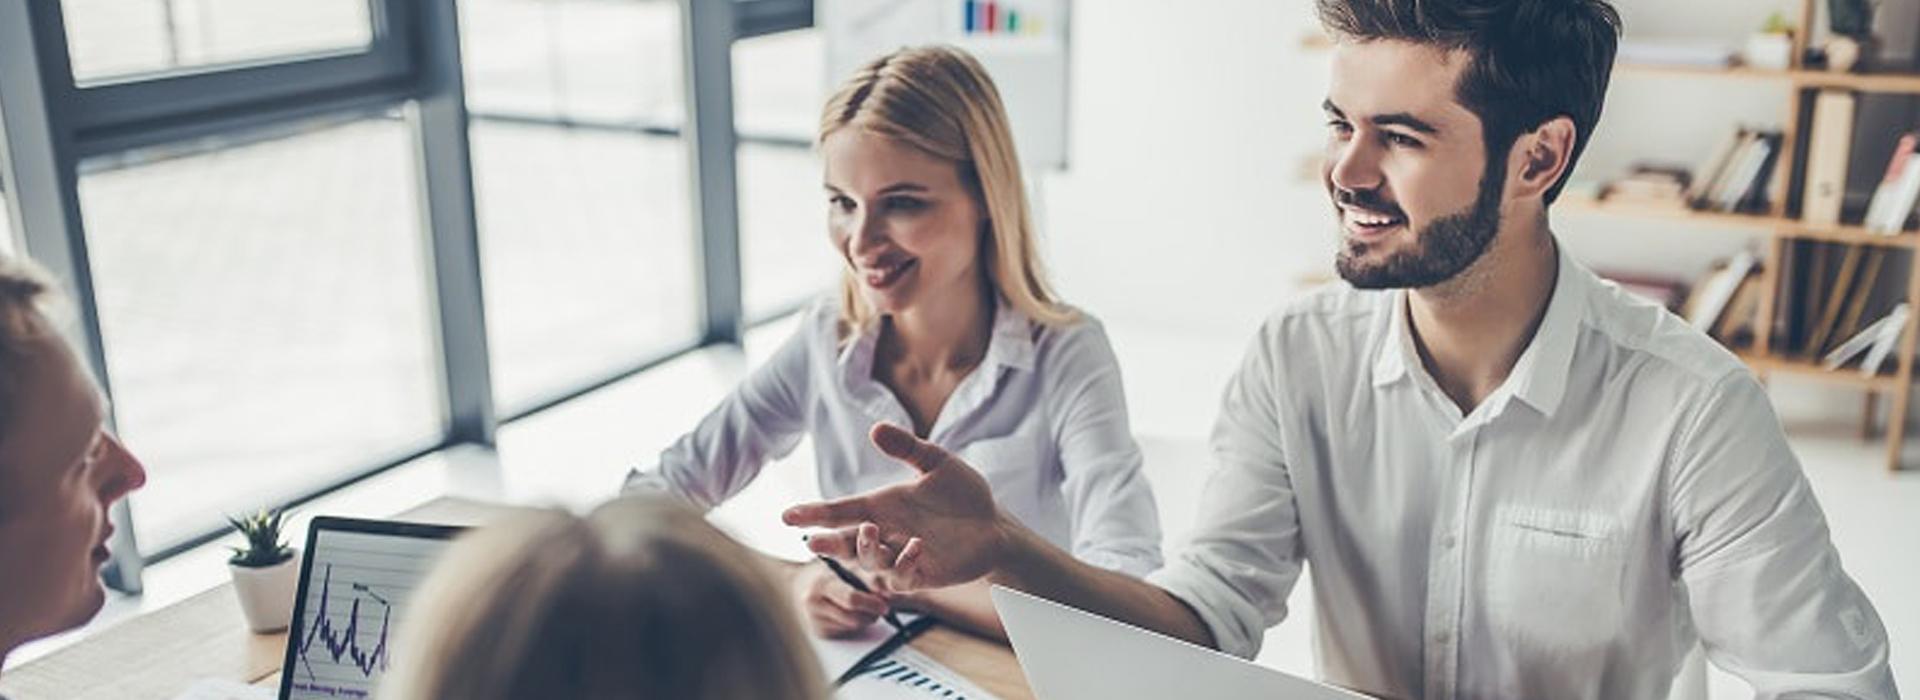 讓同事刮目相看!超實用的商務會議英文該怎麼說?